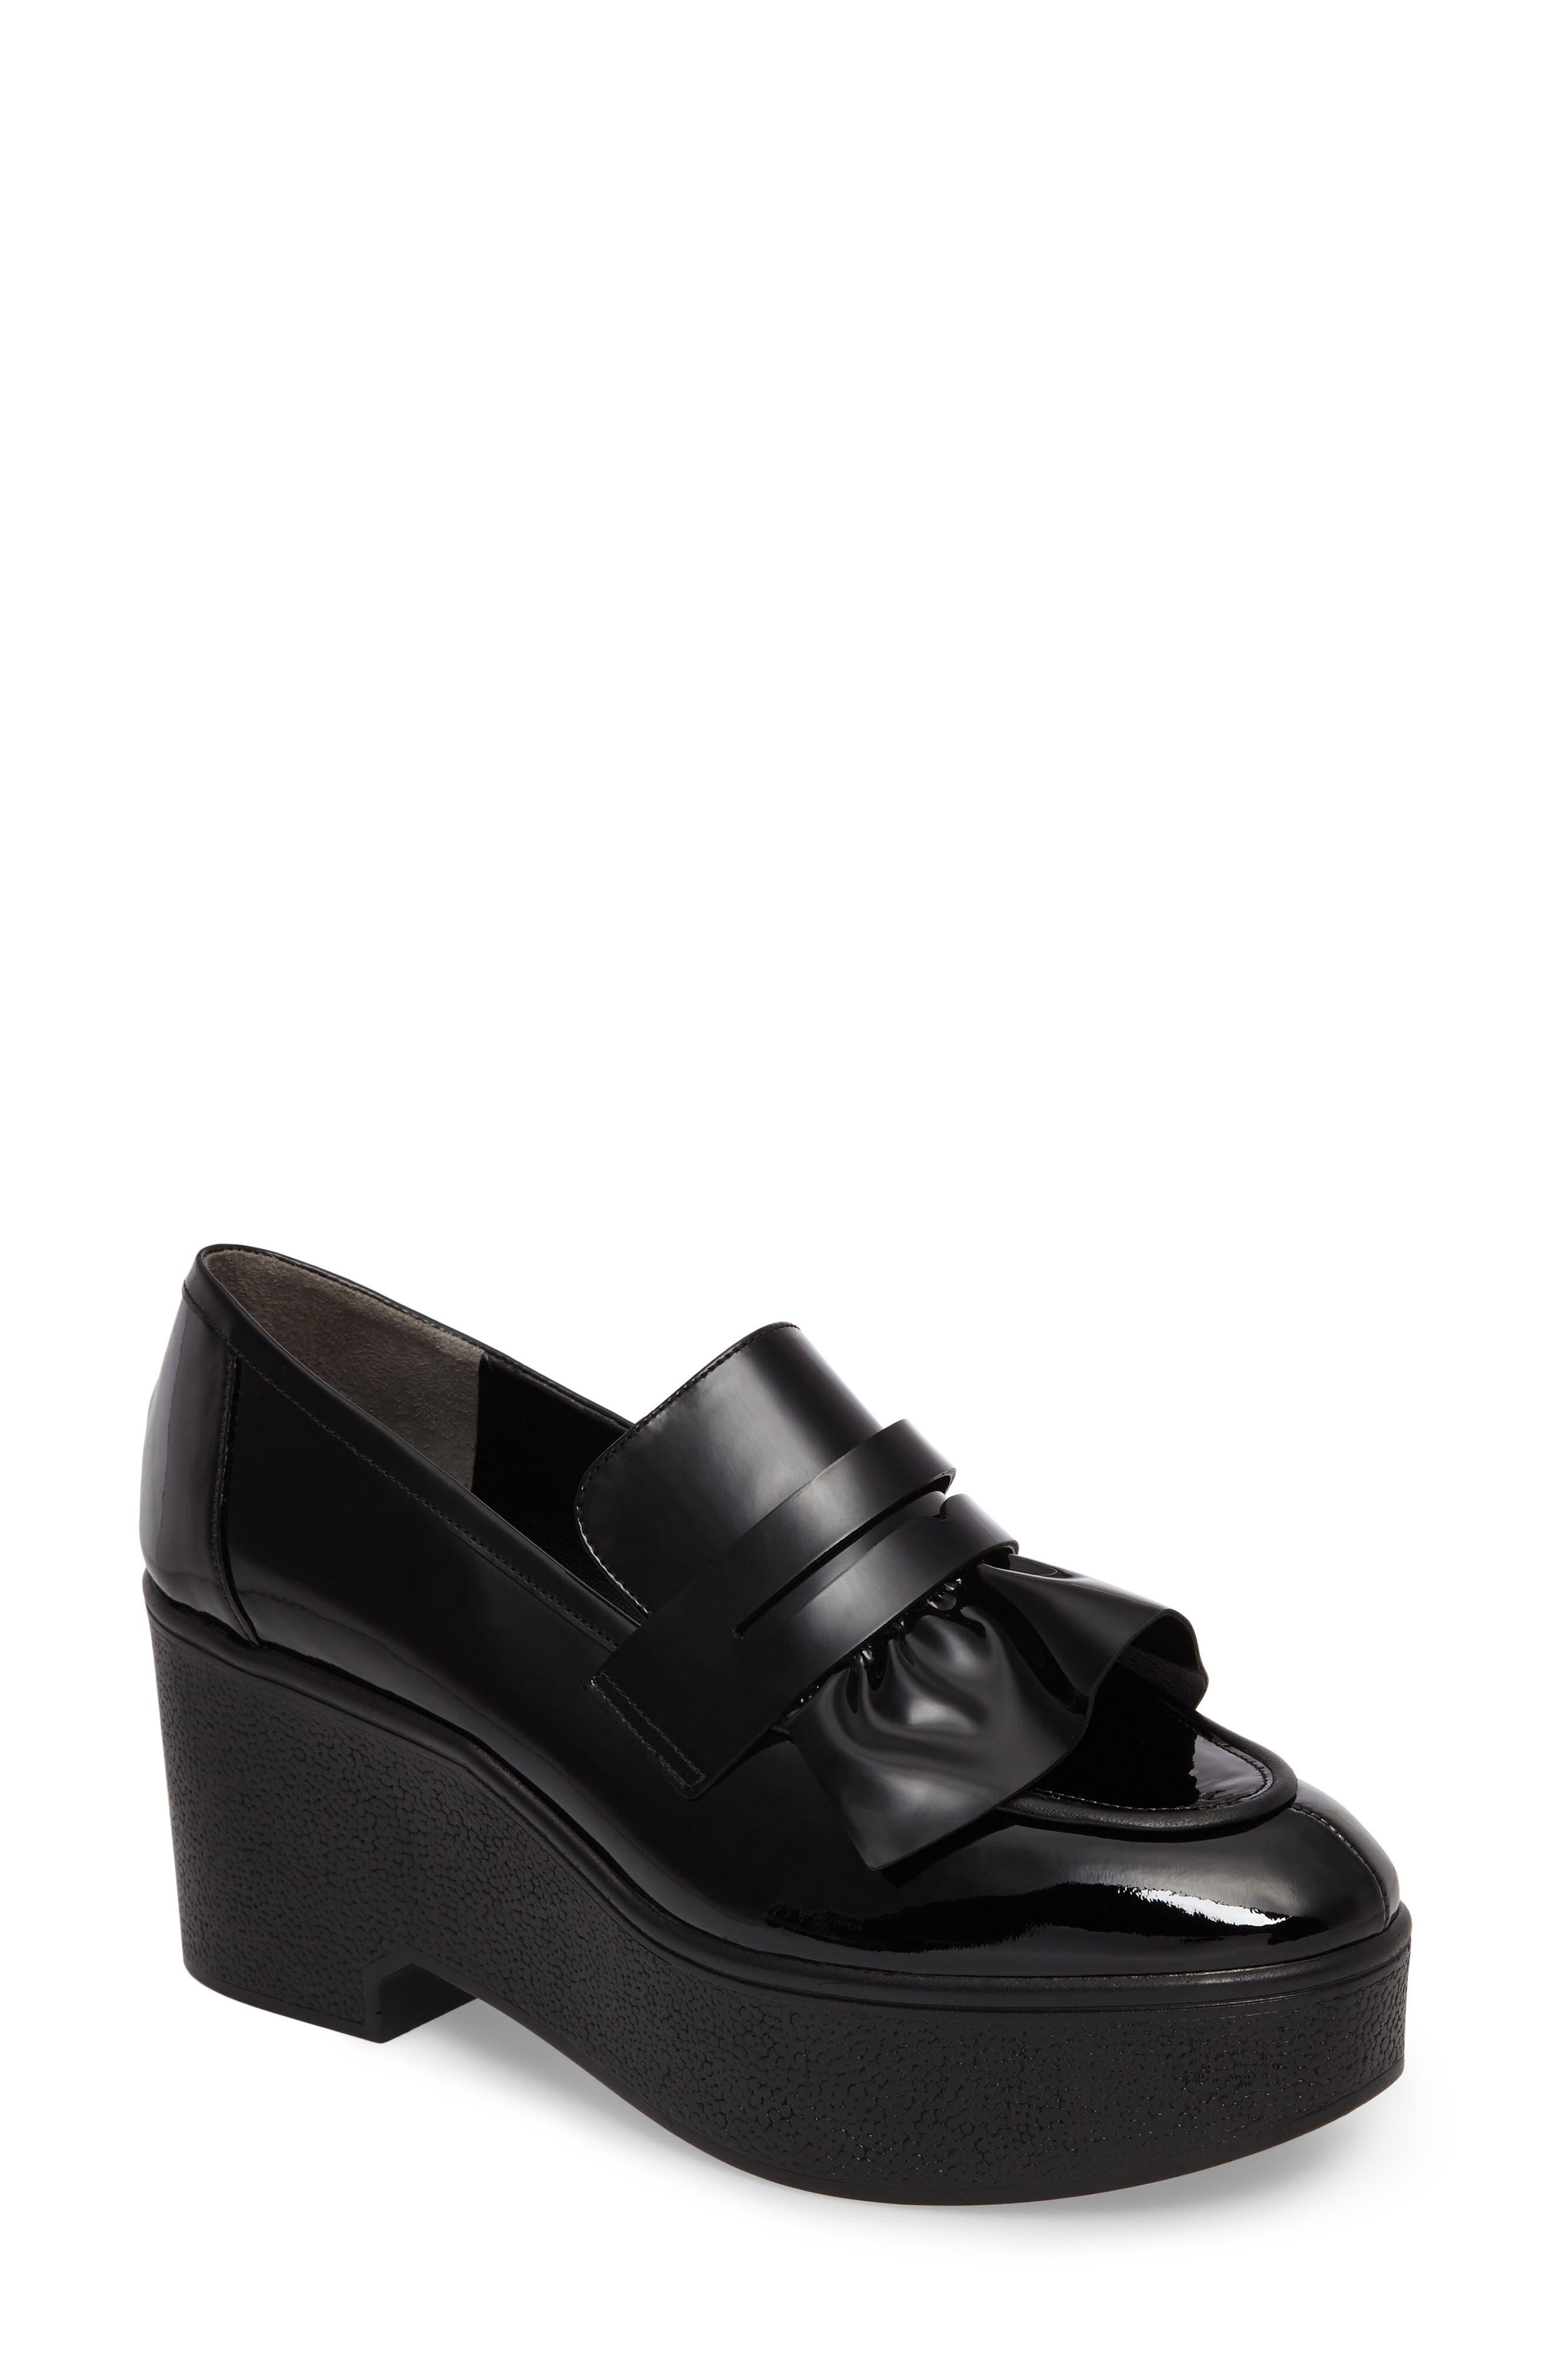 Xock Platform Loafer,                         Main,                         color, Black